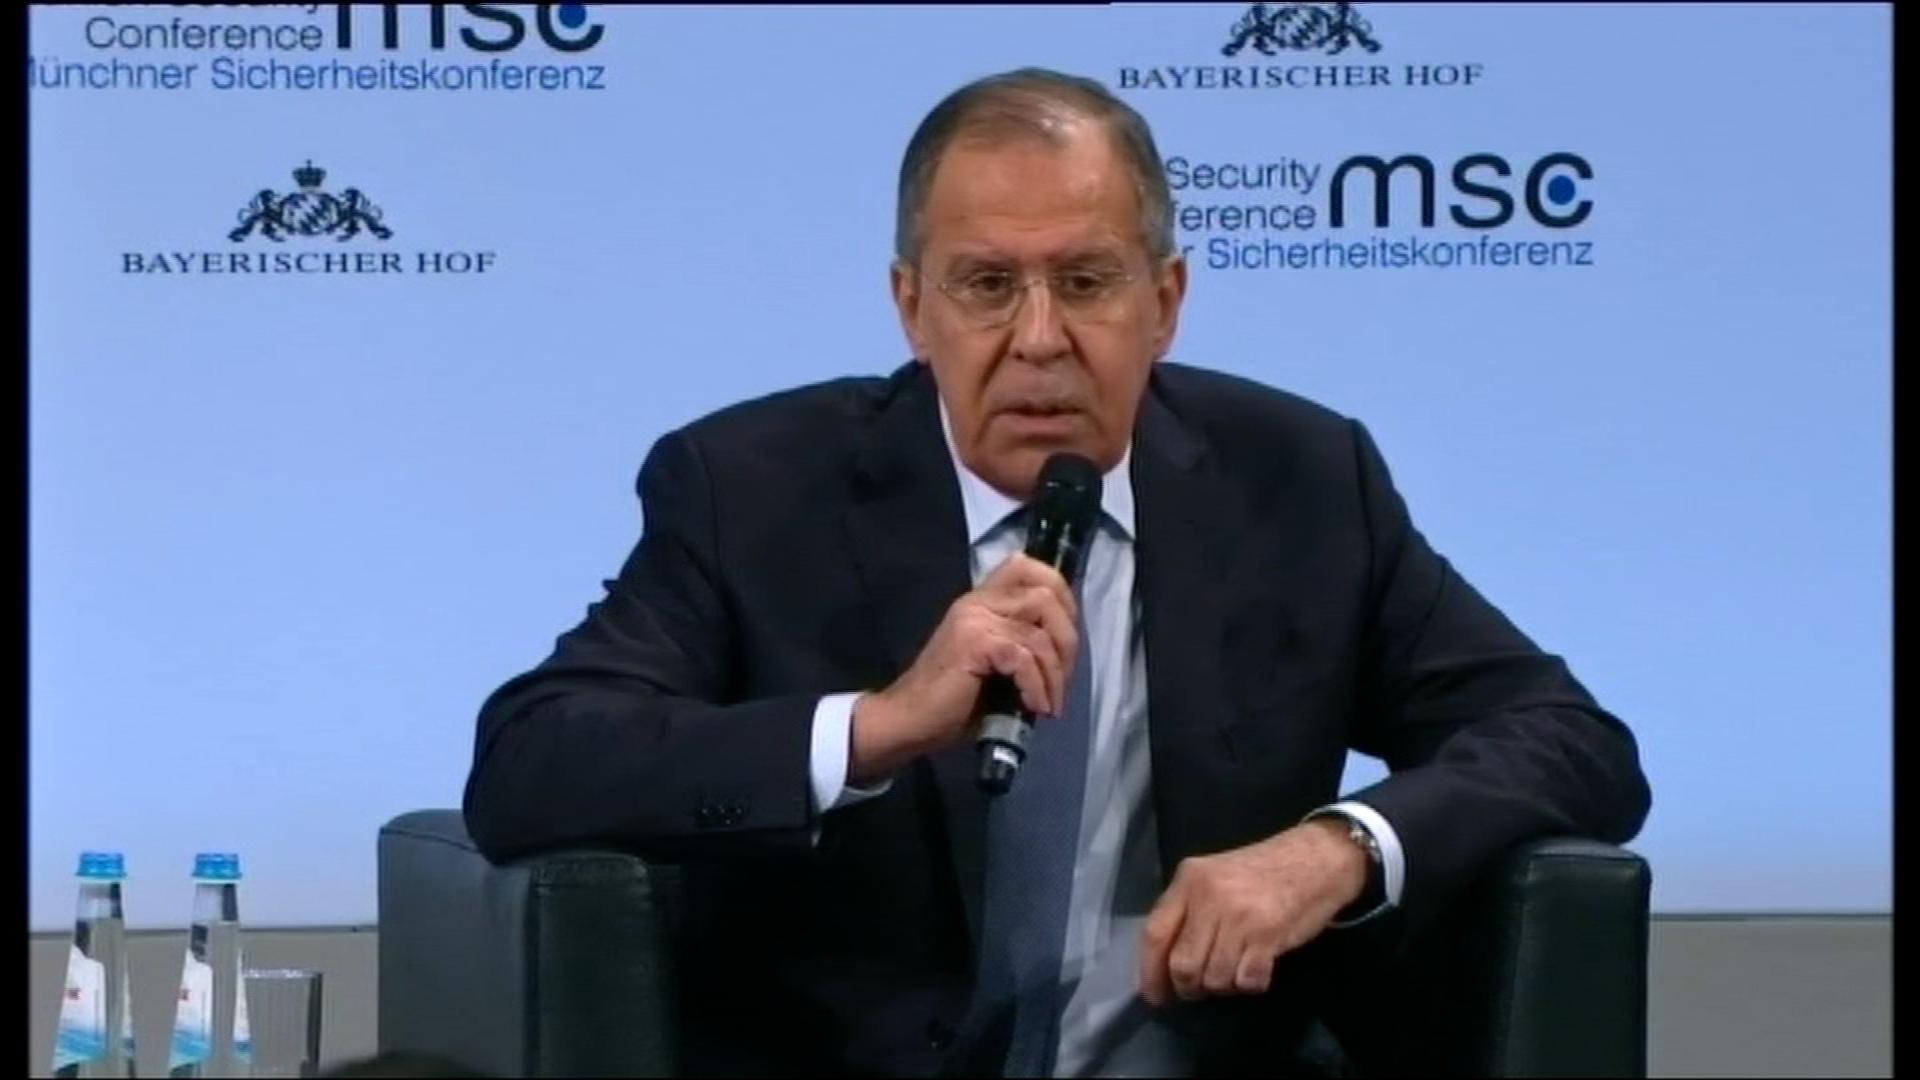 Jsou to bláboly, odmítl Lavrov obvinění FBI z ovlivňování amerických voleb